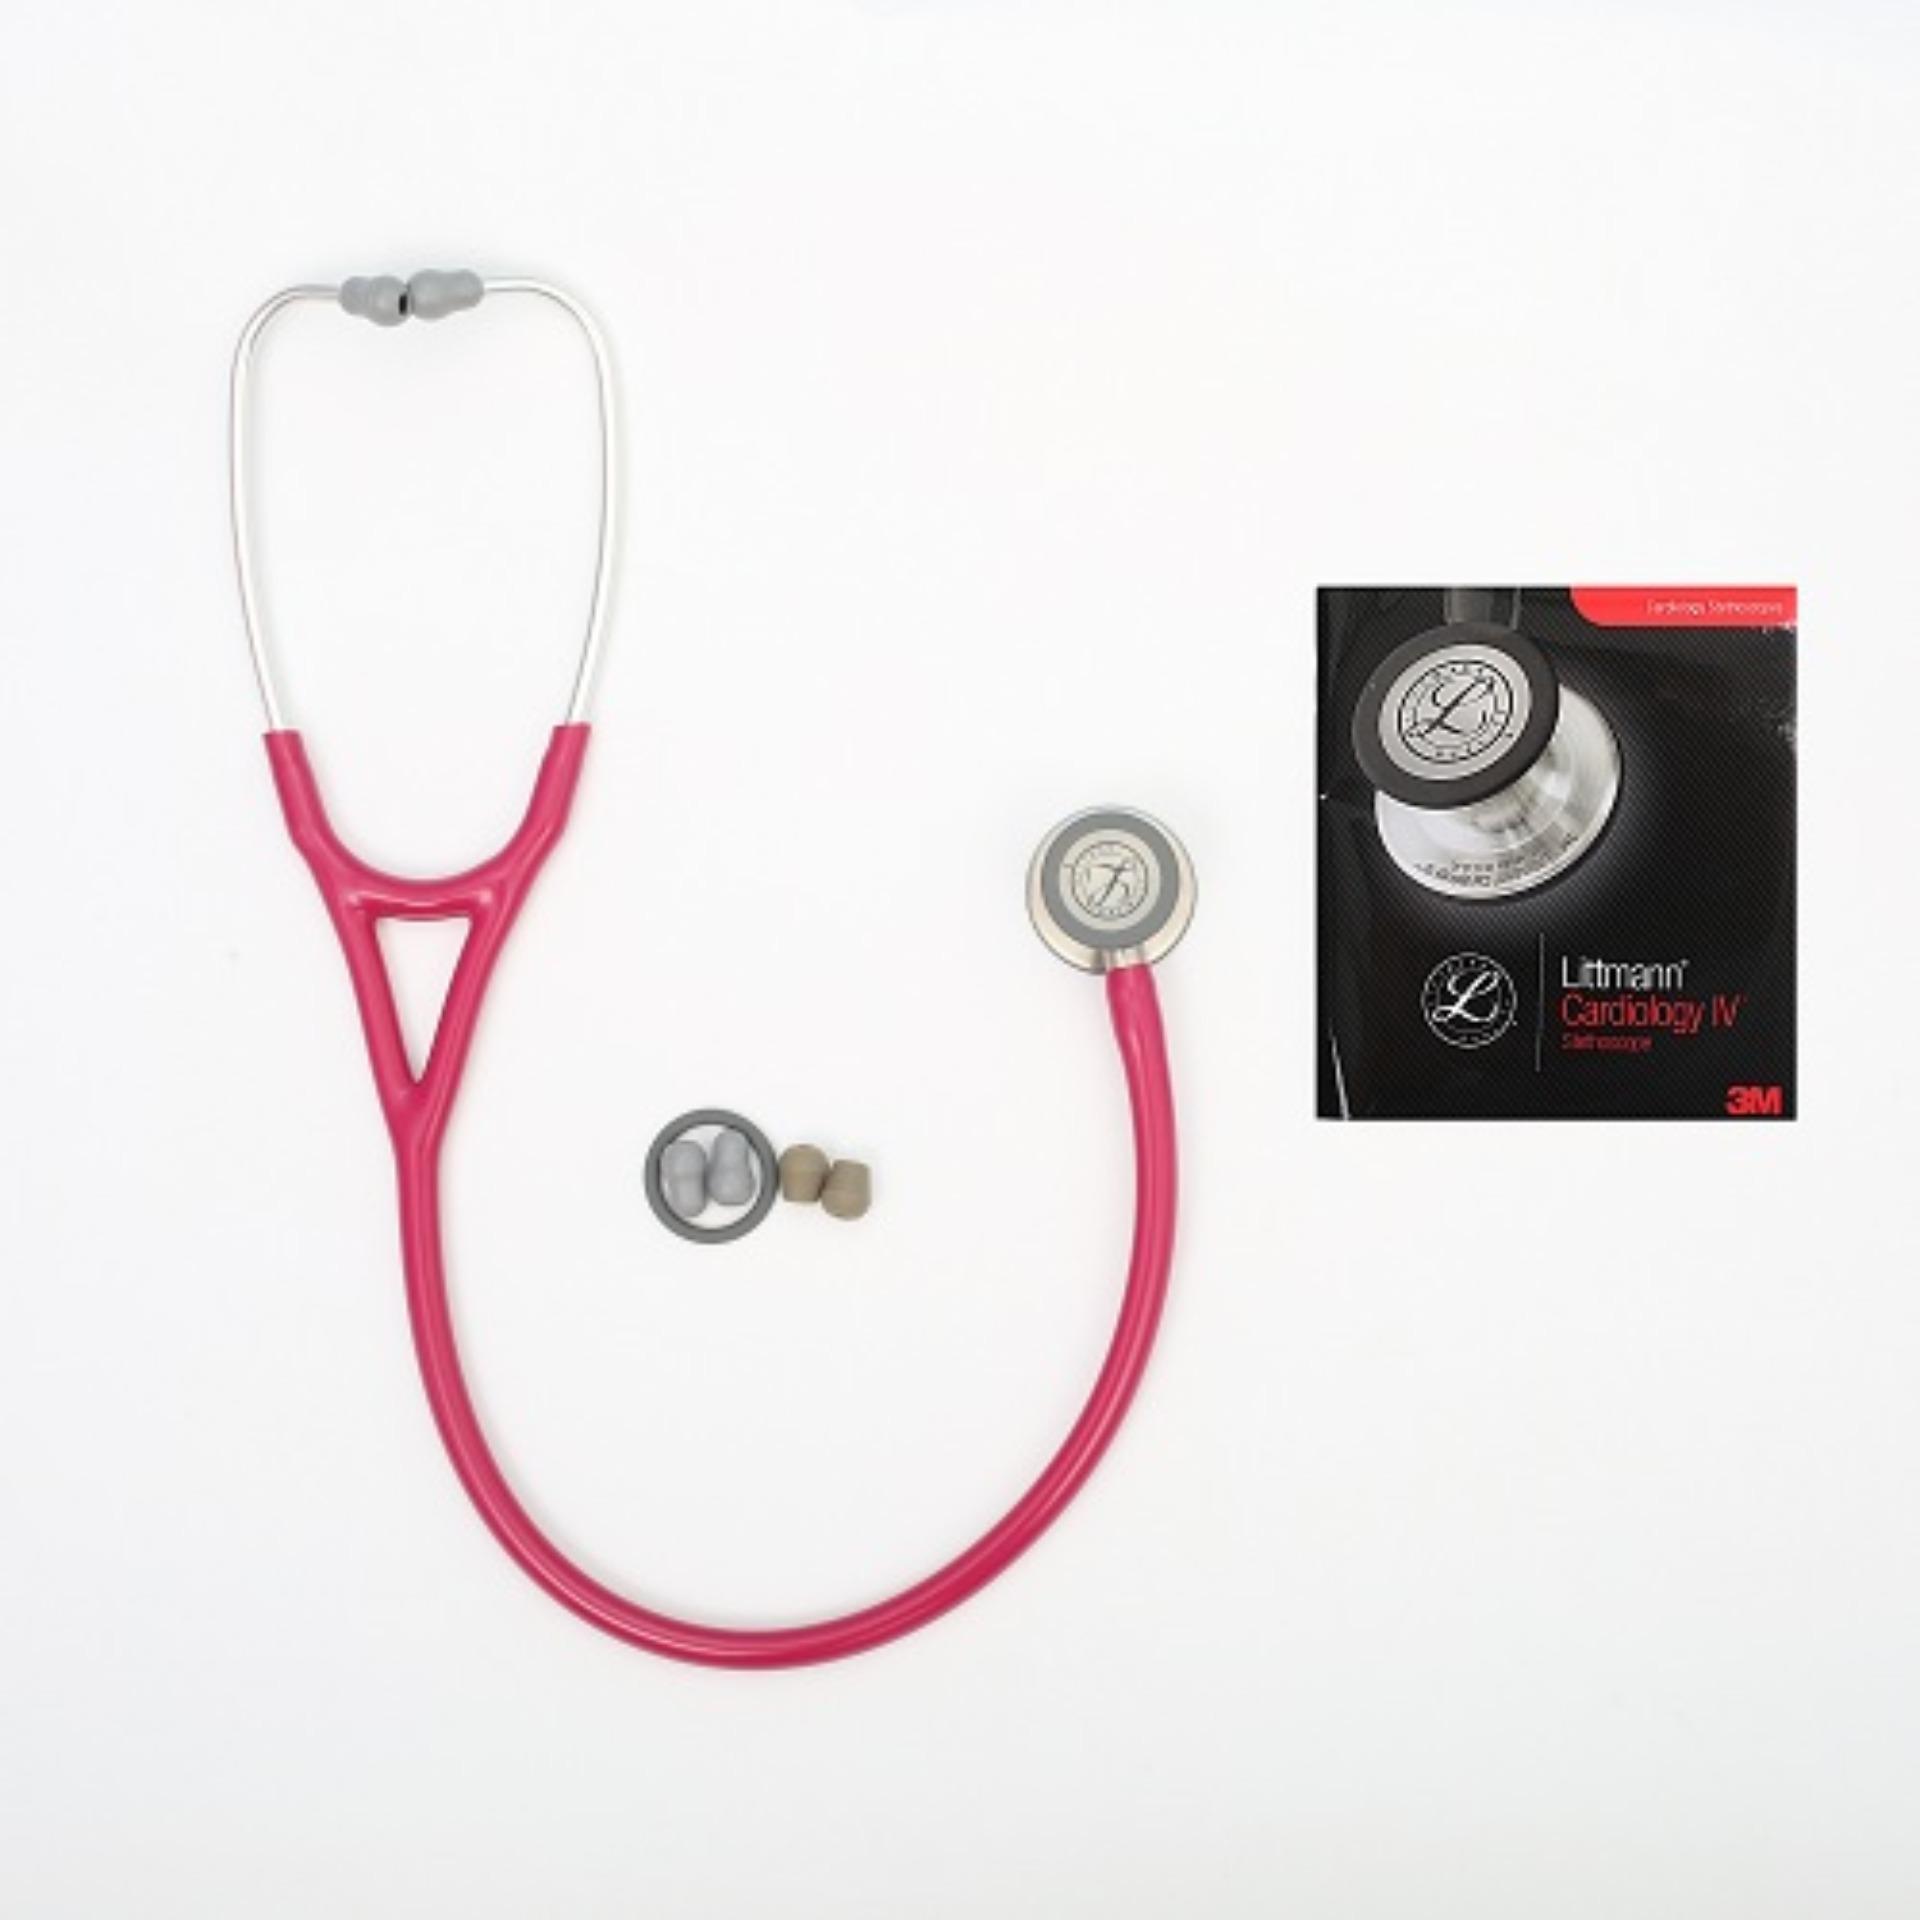 Ống Nghe Littmann Cardiology I.V - Rasberry 6158